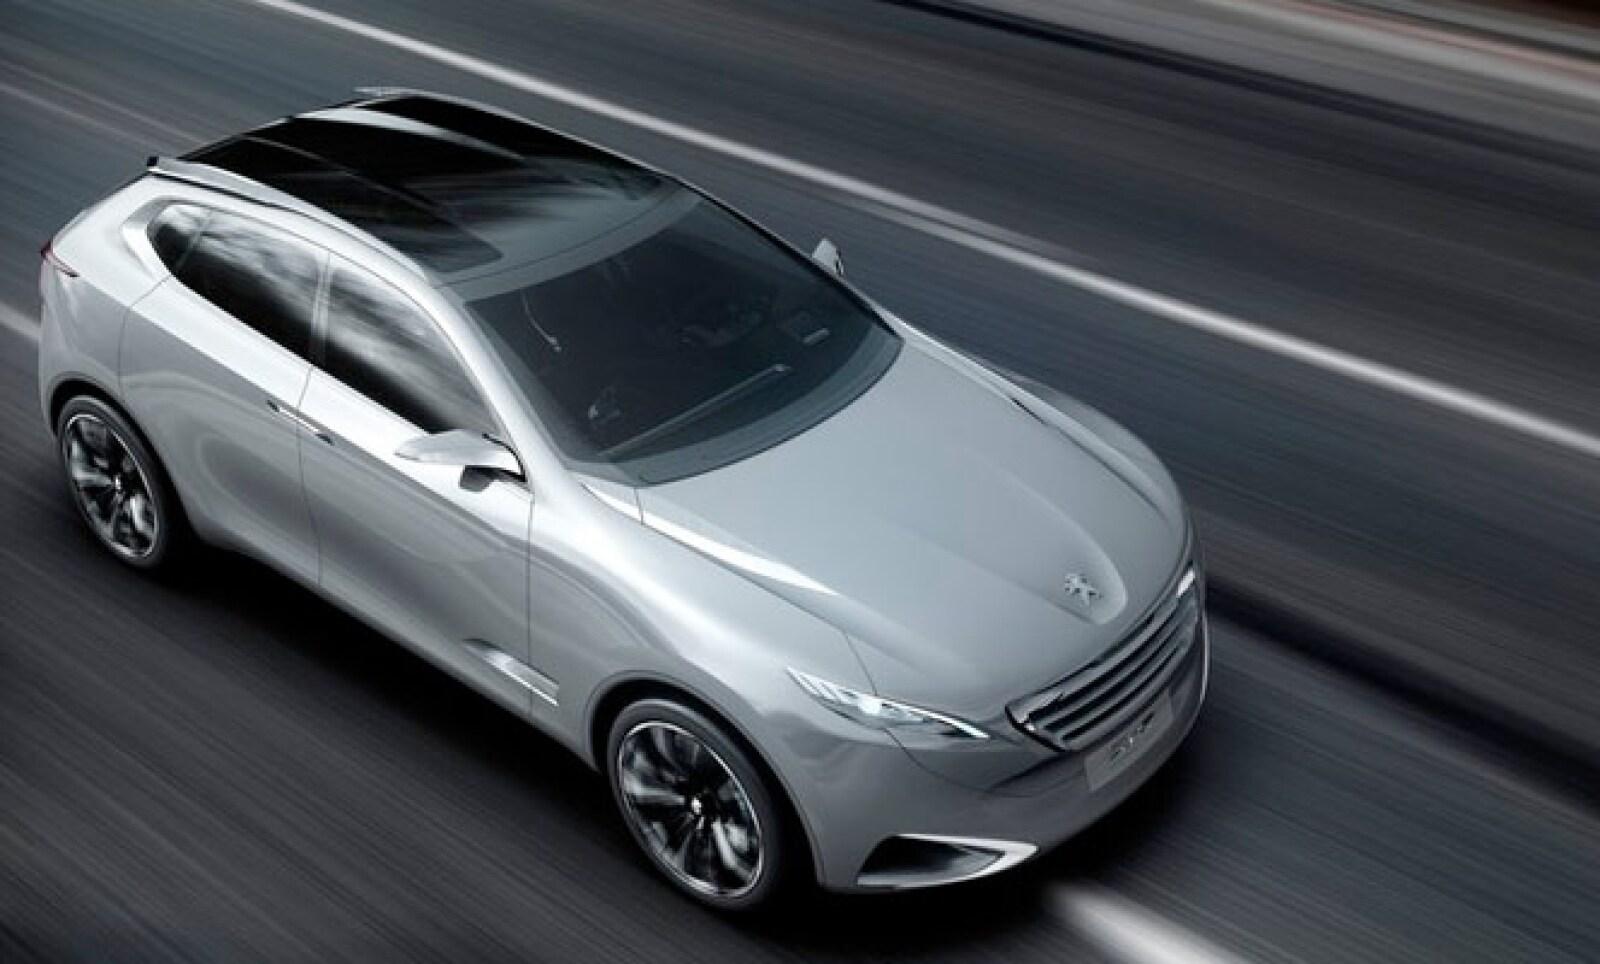 Su velocidad máxima es de 250 kilómetros por hora (km/h).